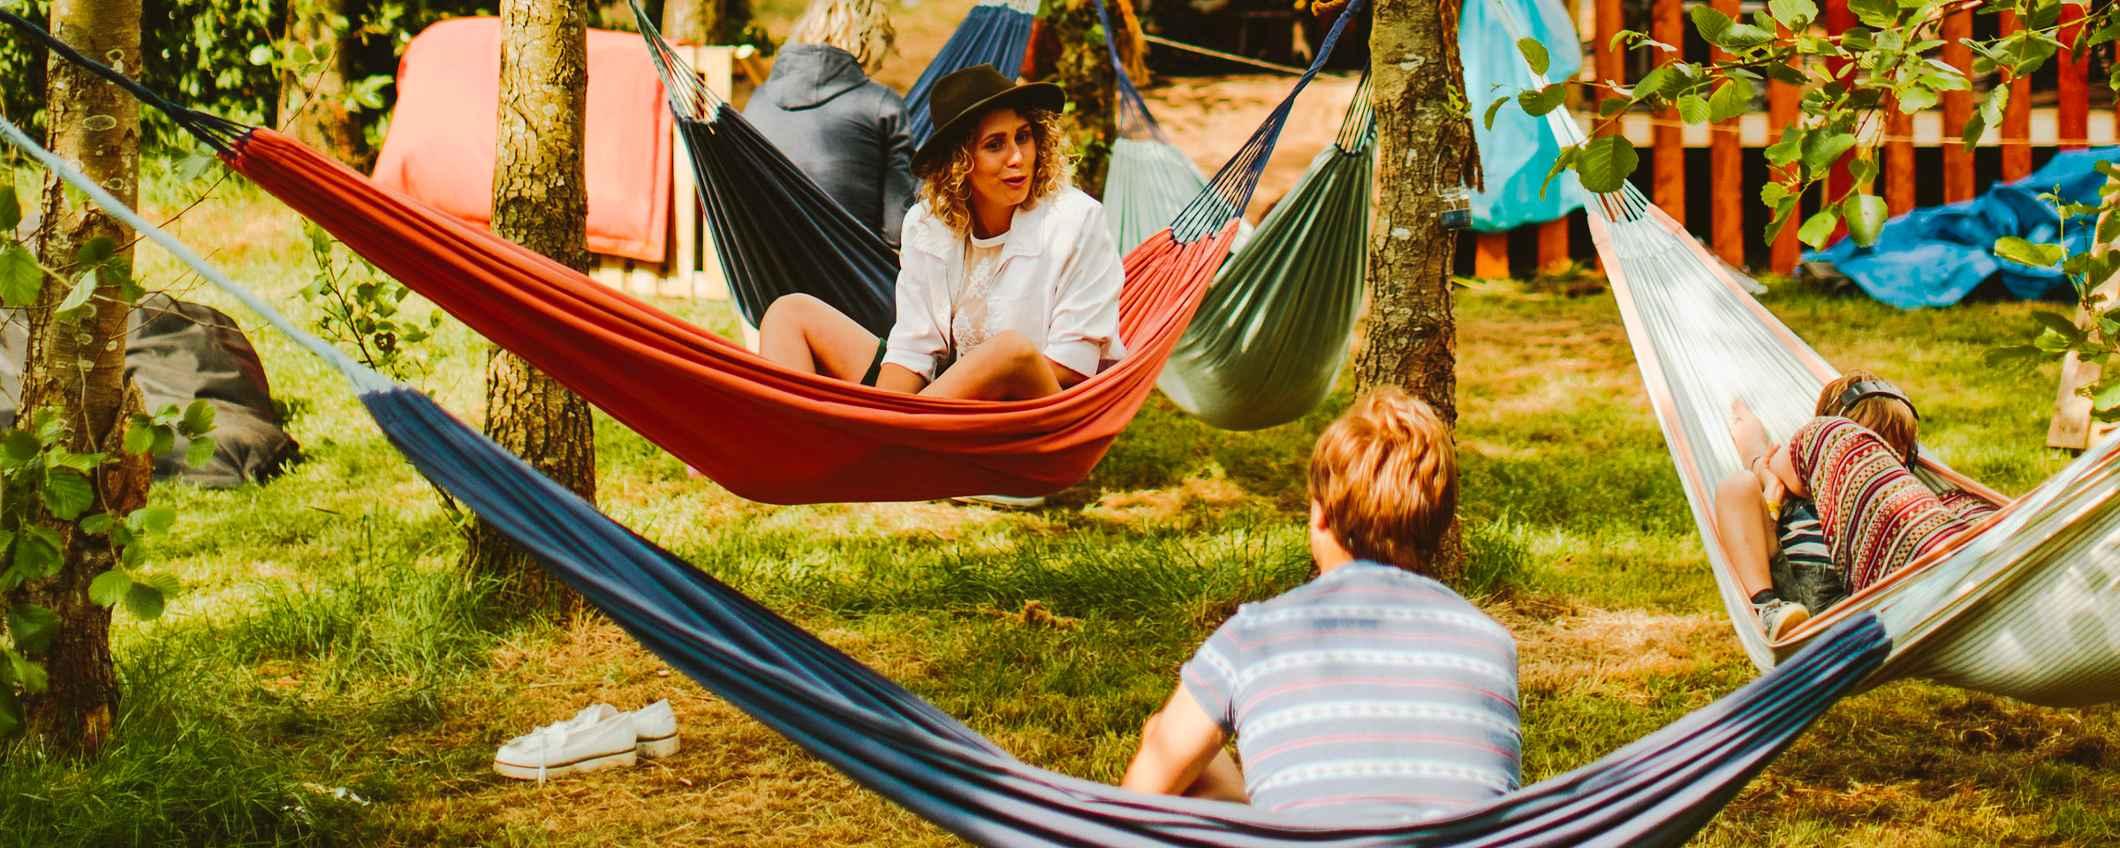 Camping Buitenland hangmatten door Aline Bouma